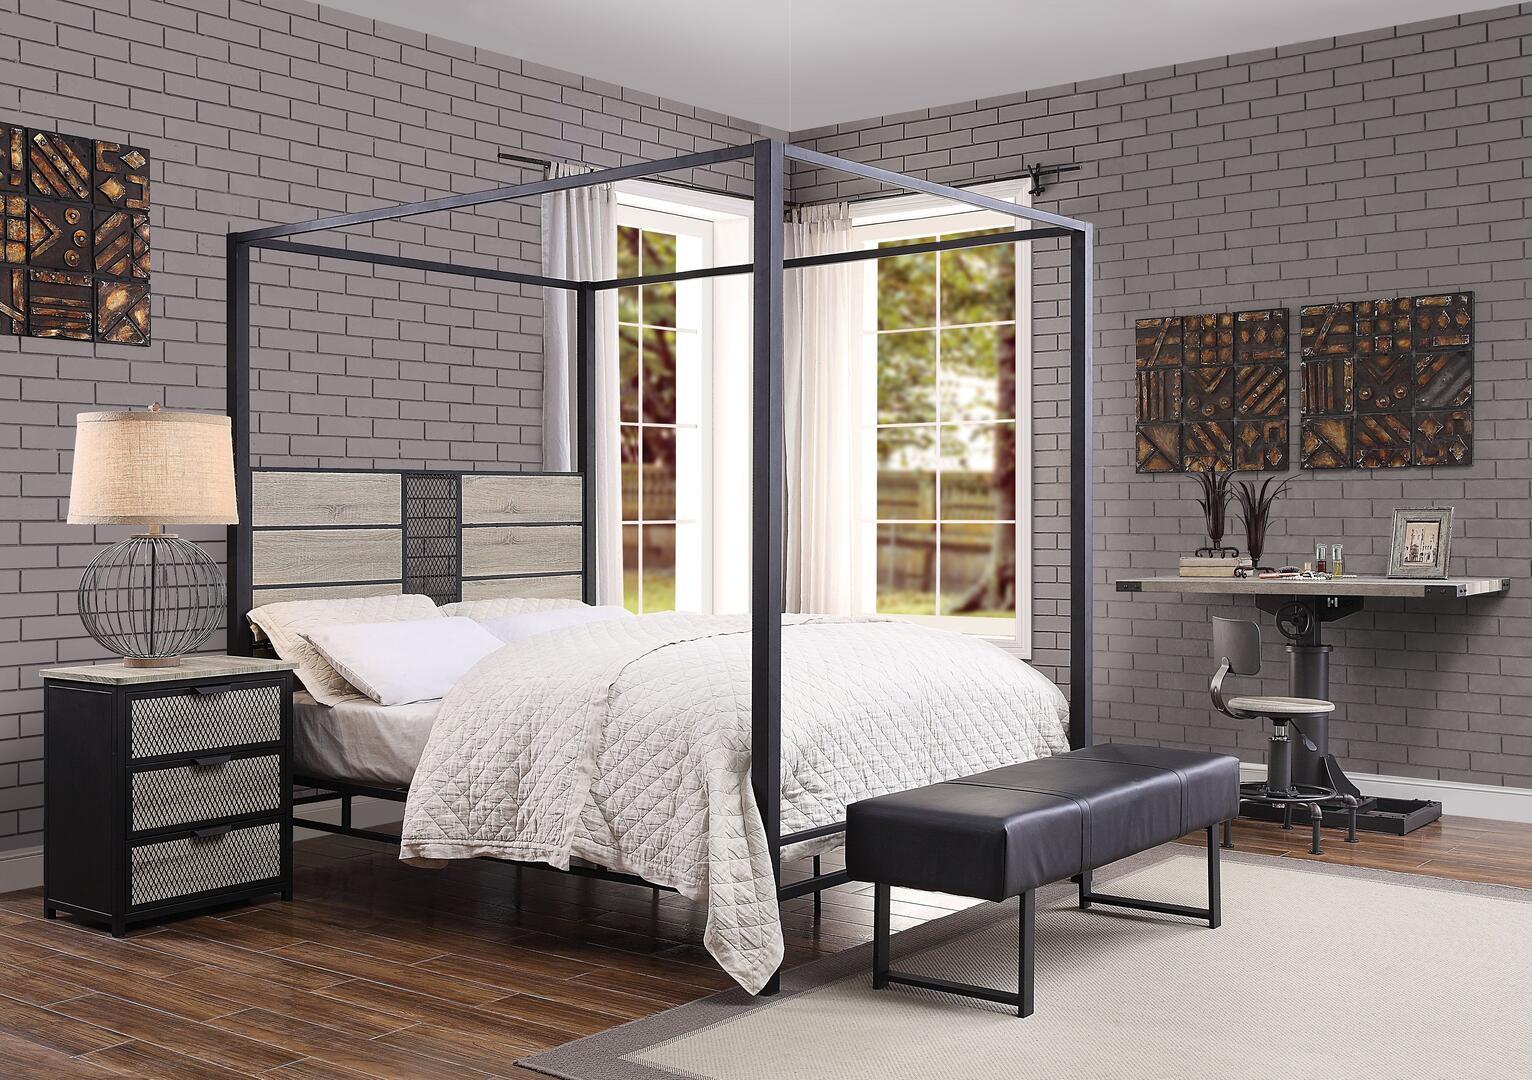 Acme Furniture Baara 5 Piece Queen Size Bedroom Set